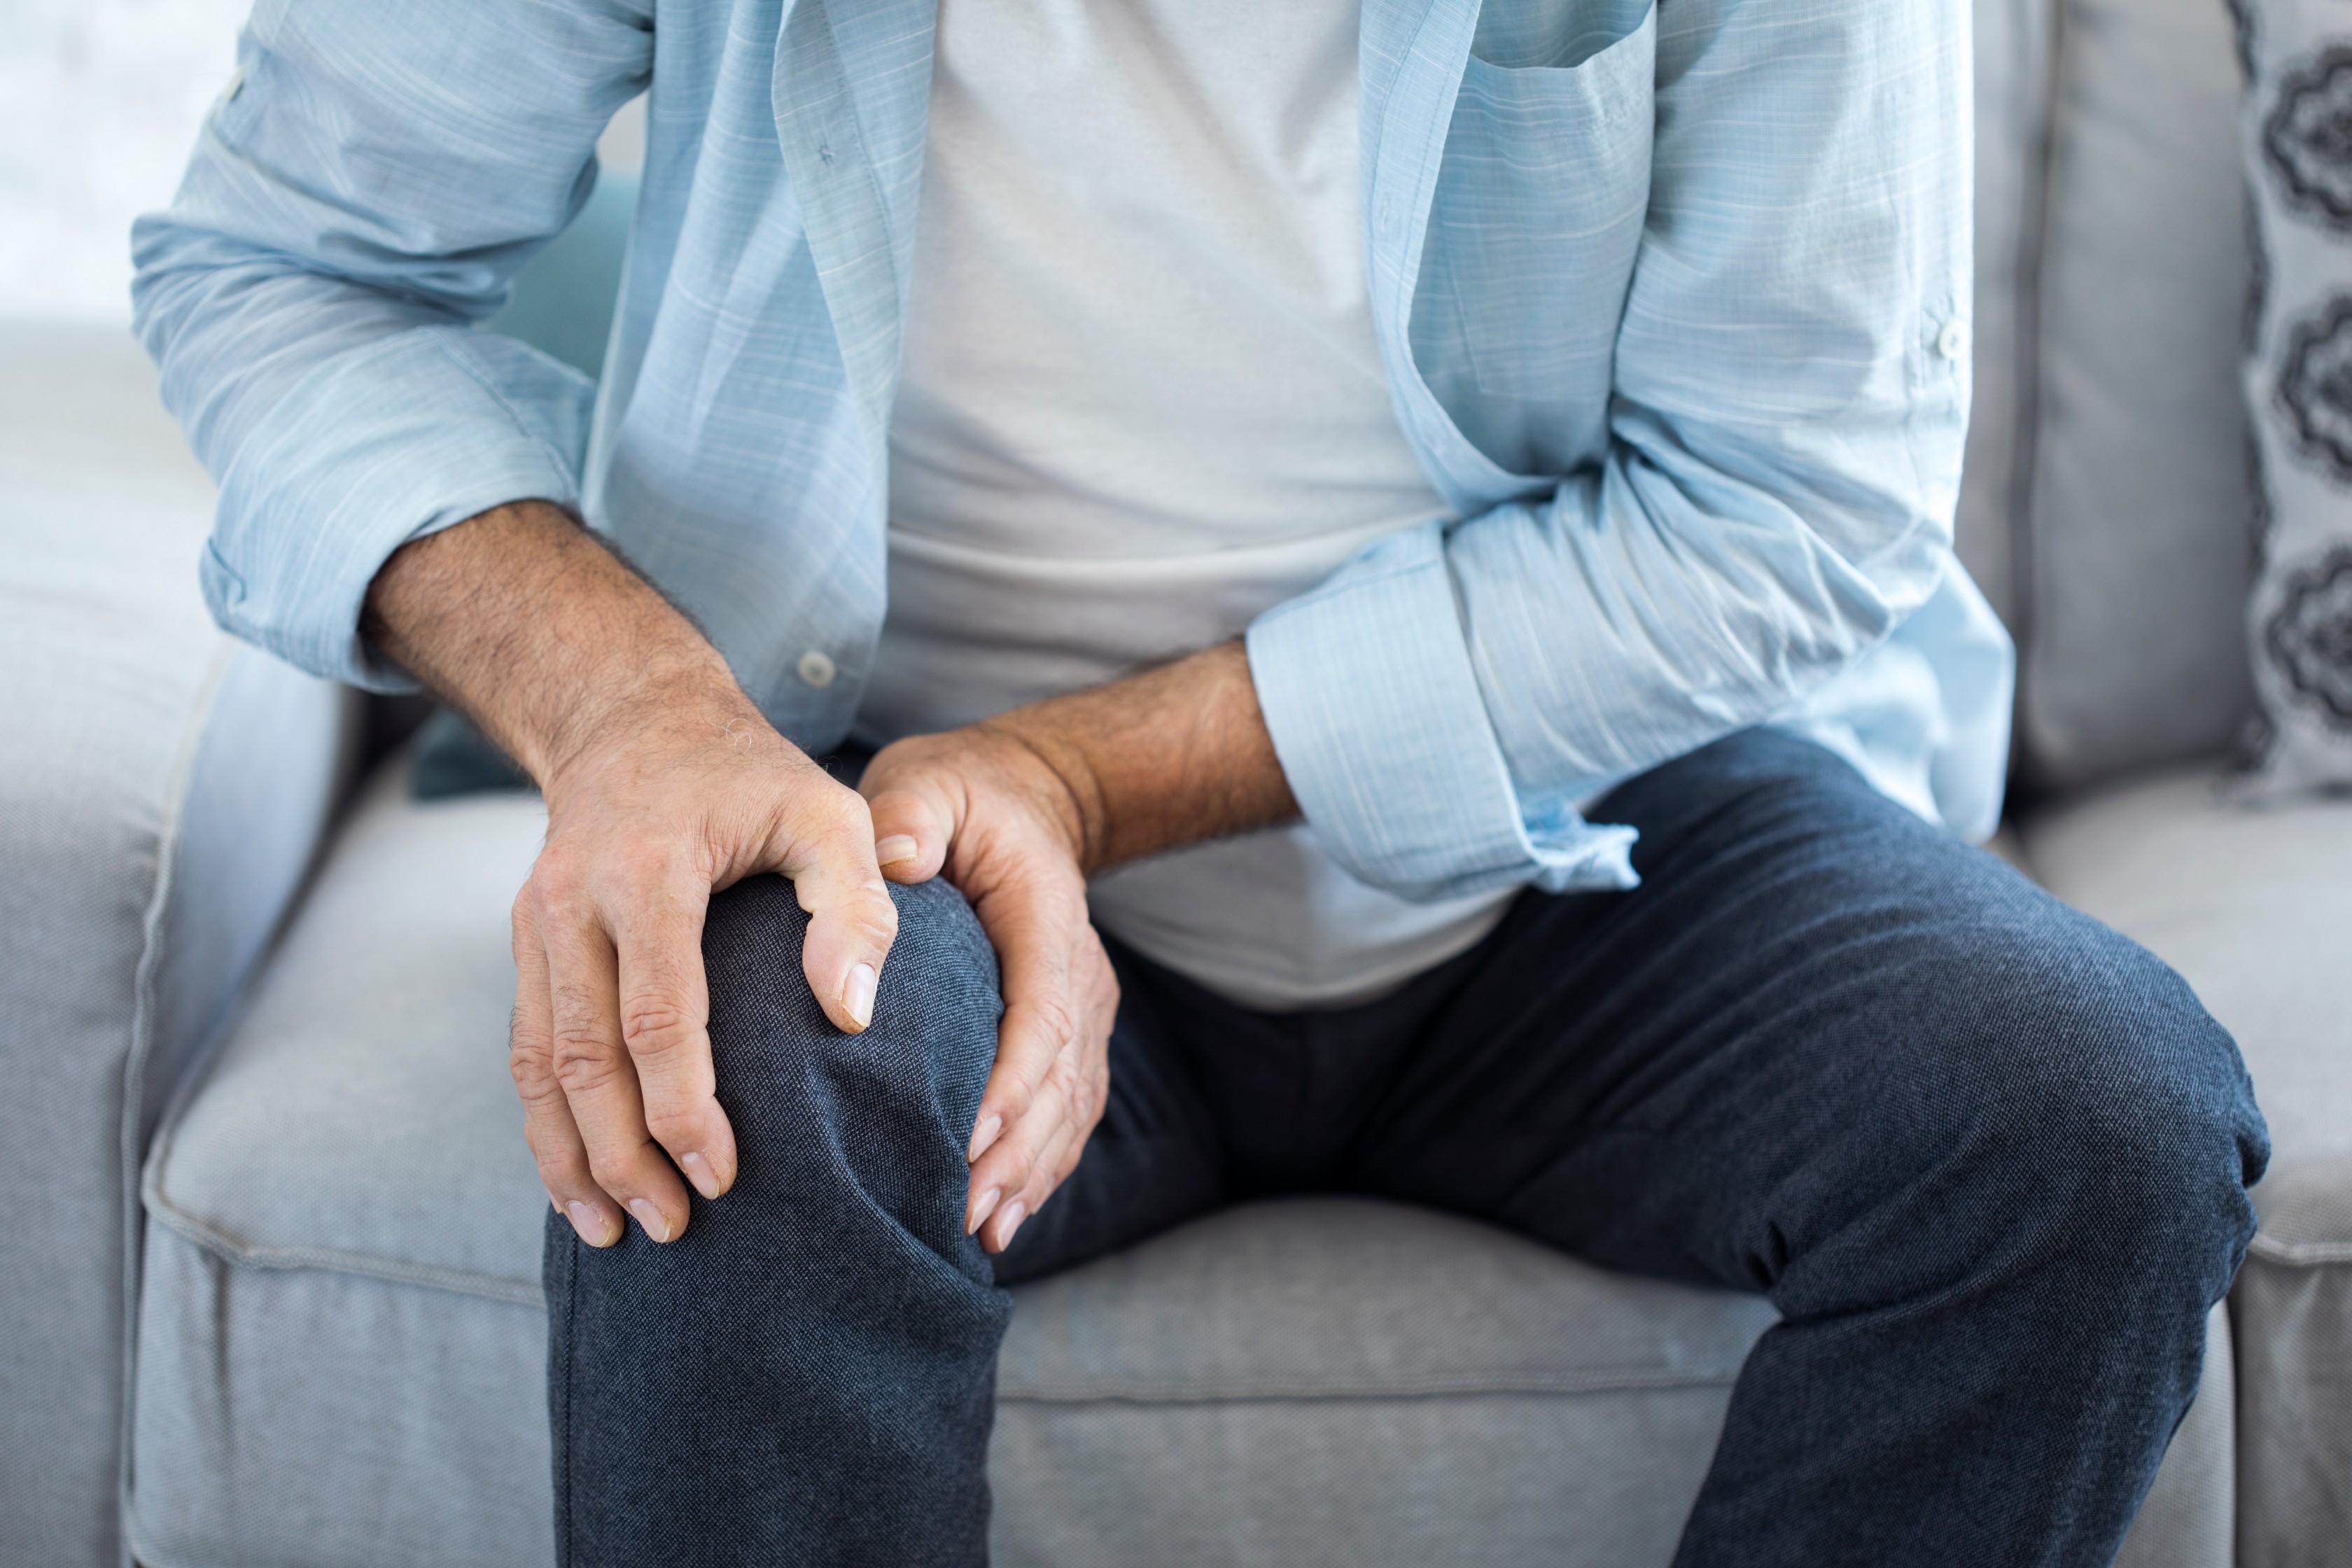 ízületi fájdalom hideg alatt a lábak ízületeinek ízületi gyulladás tünetei